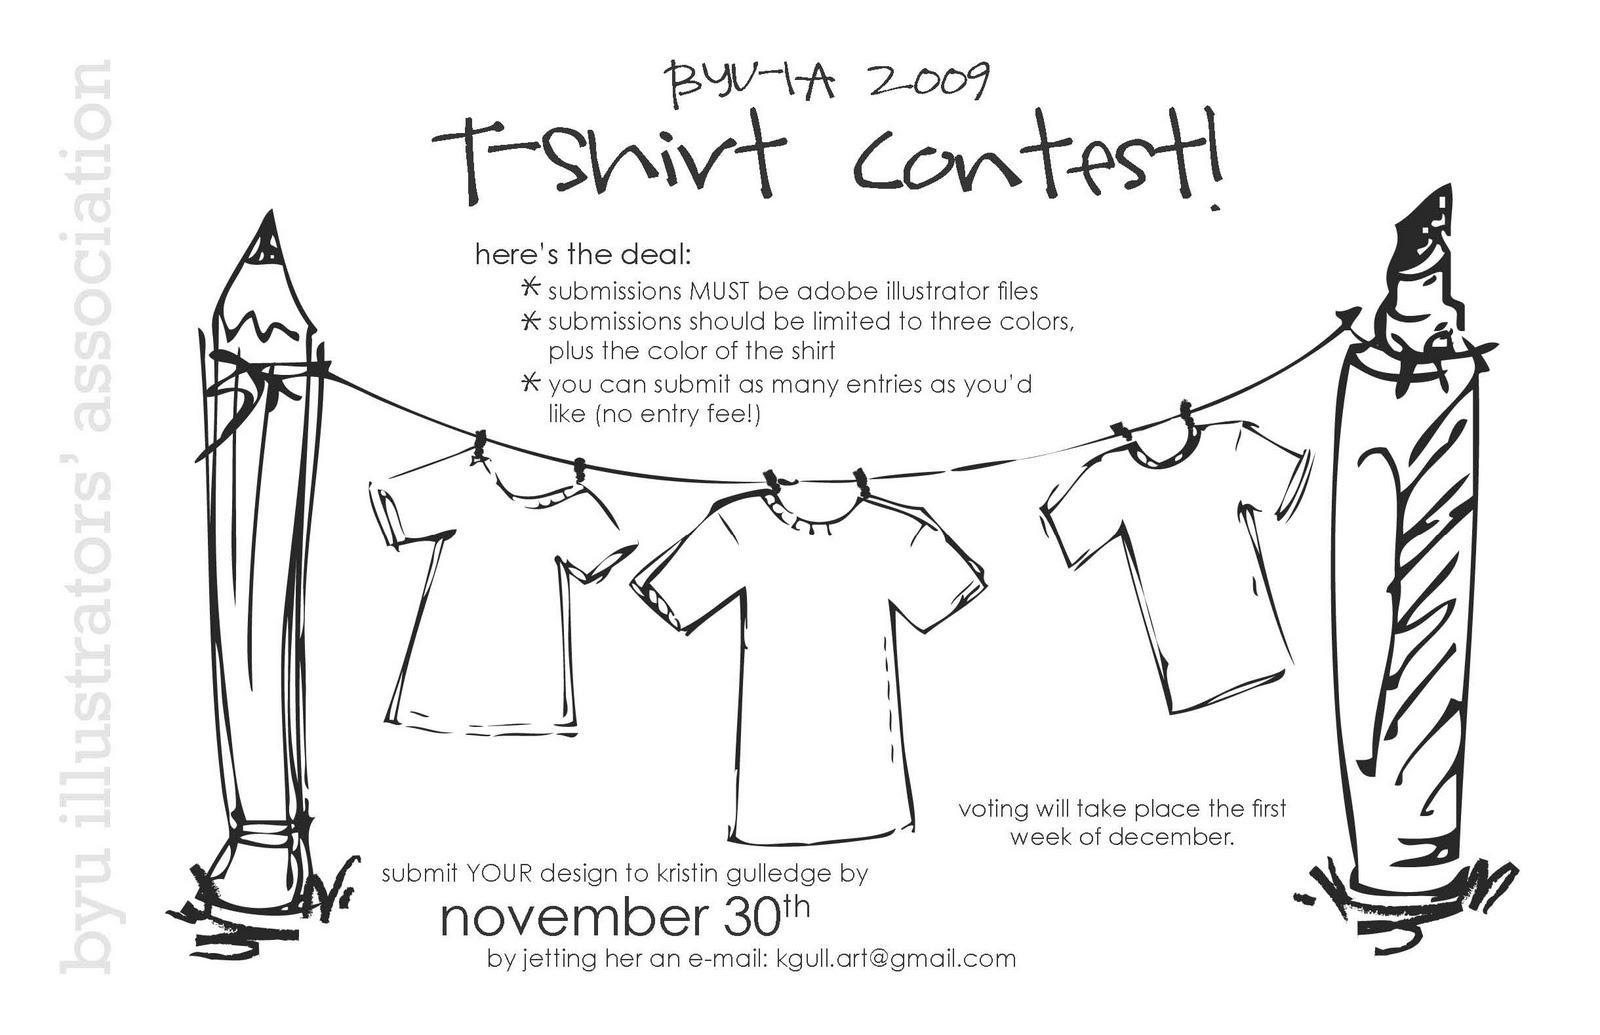 byu illustrators 39 association t shirt reminder. Black Bedroom Furniture Sets. Home Design Ideas